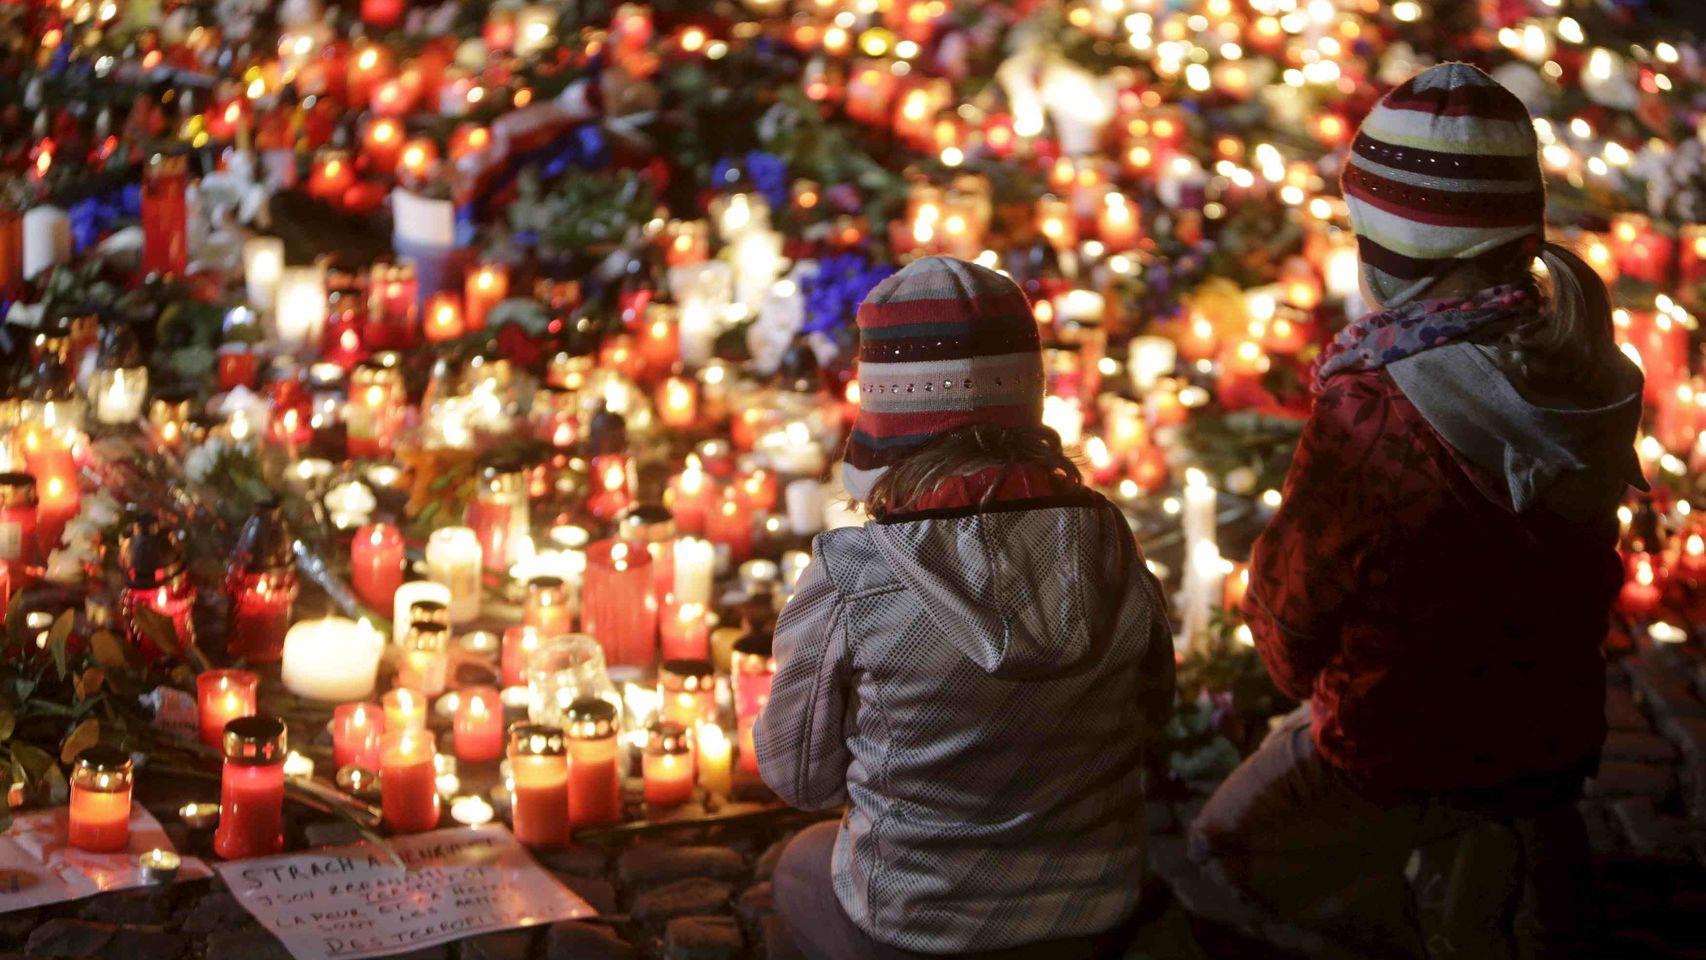 Los lugares de los atentados de París se convirtieron en zonas de peregrinaje para recordar a las víctimas. | Imagen: Reuters.